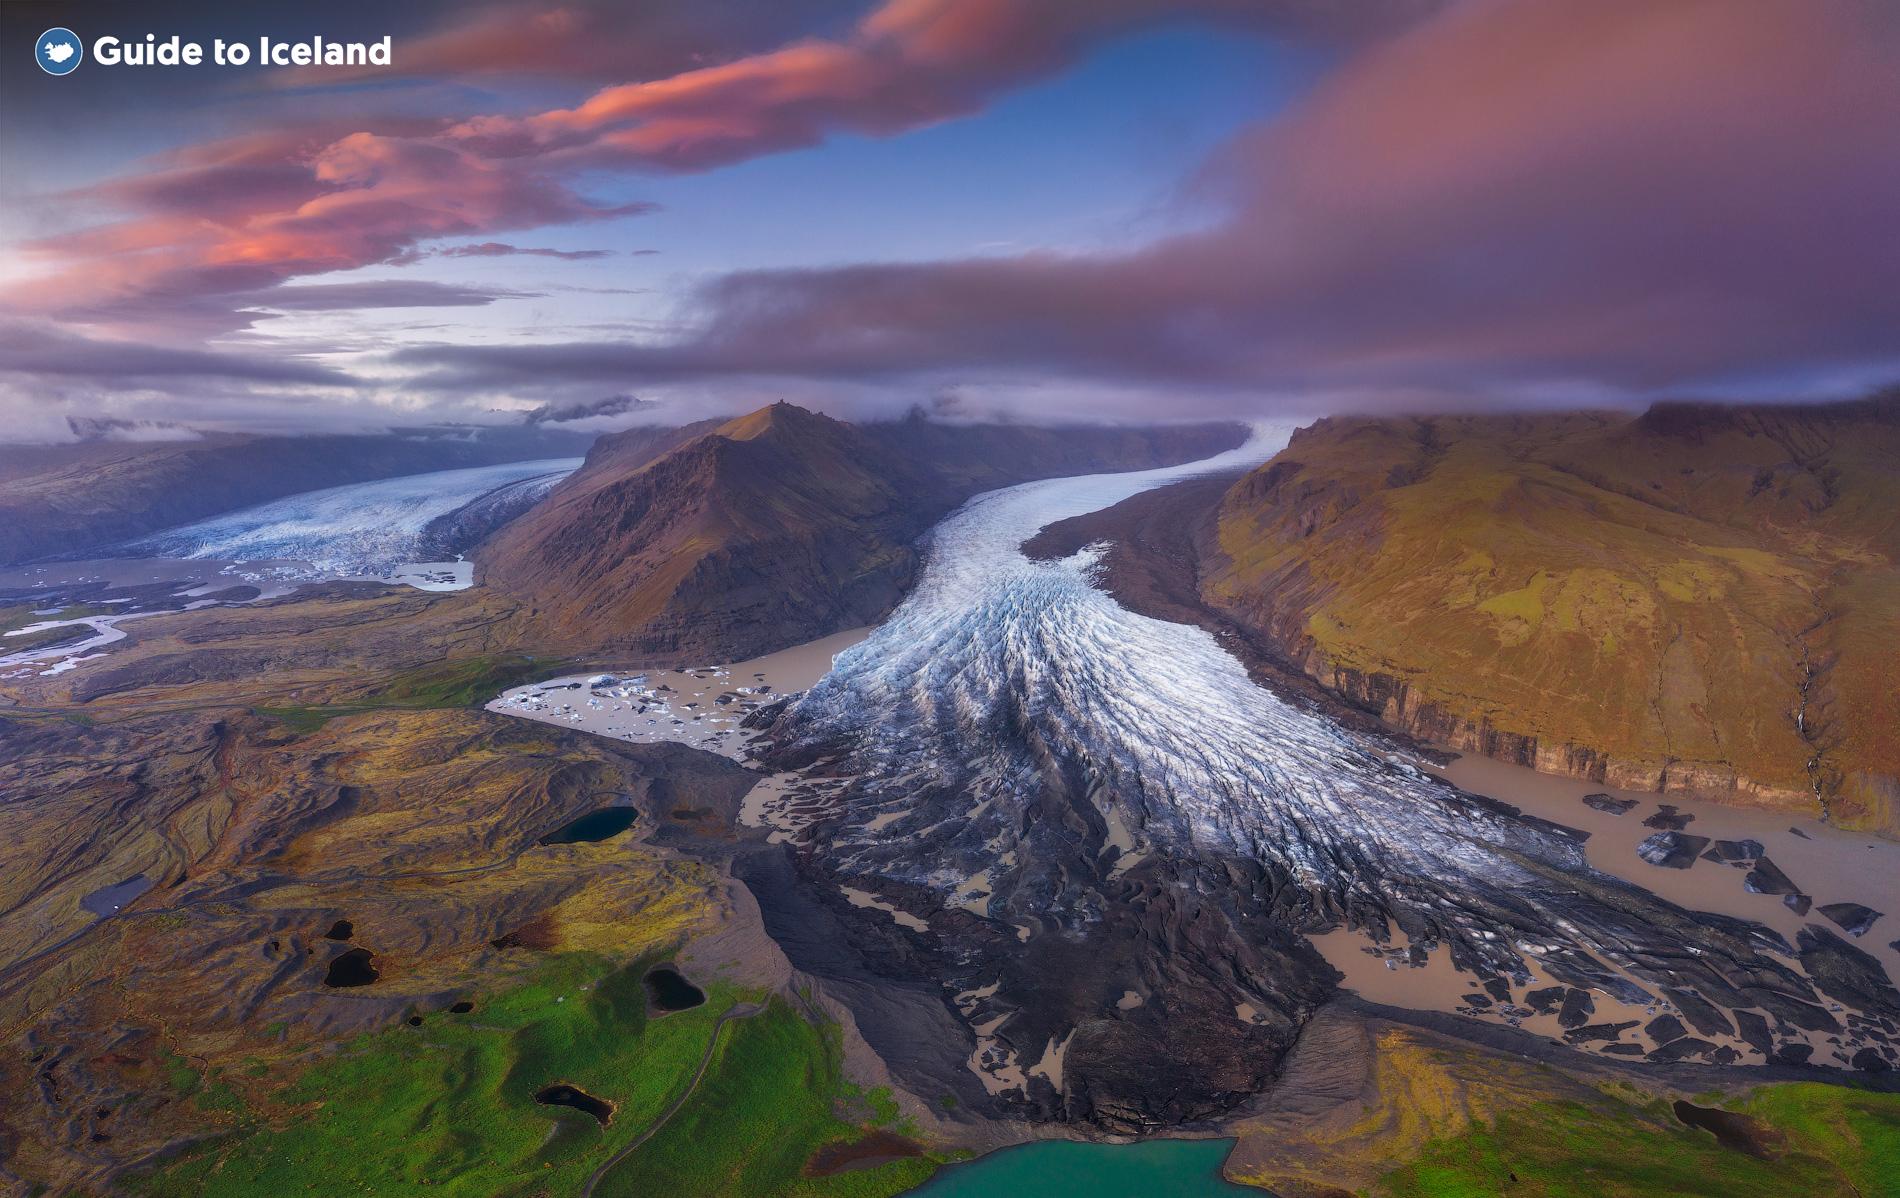 11-dniowa letnia, samodzielna wycieczka po całej obwodnicy Islandii z wodospadami i gorącymi źródłami